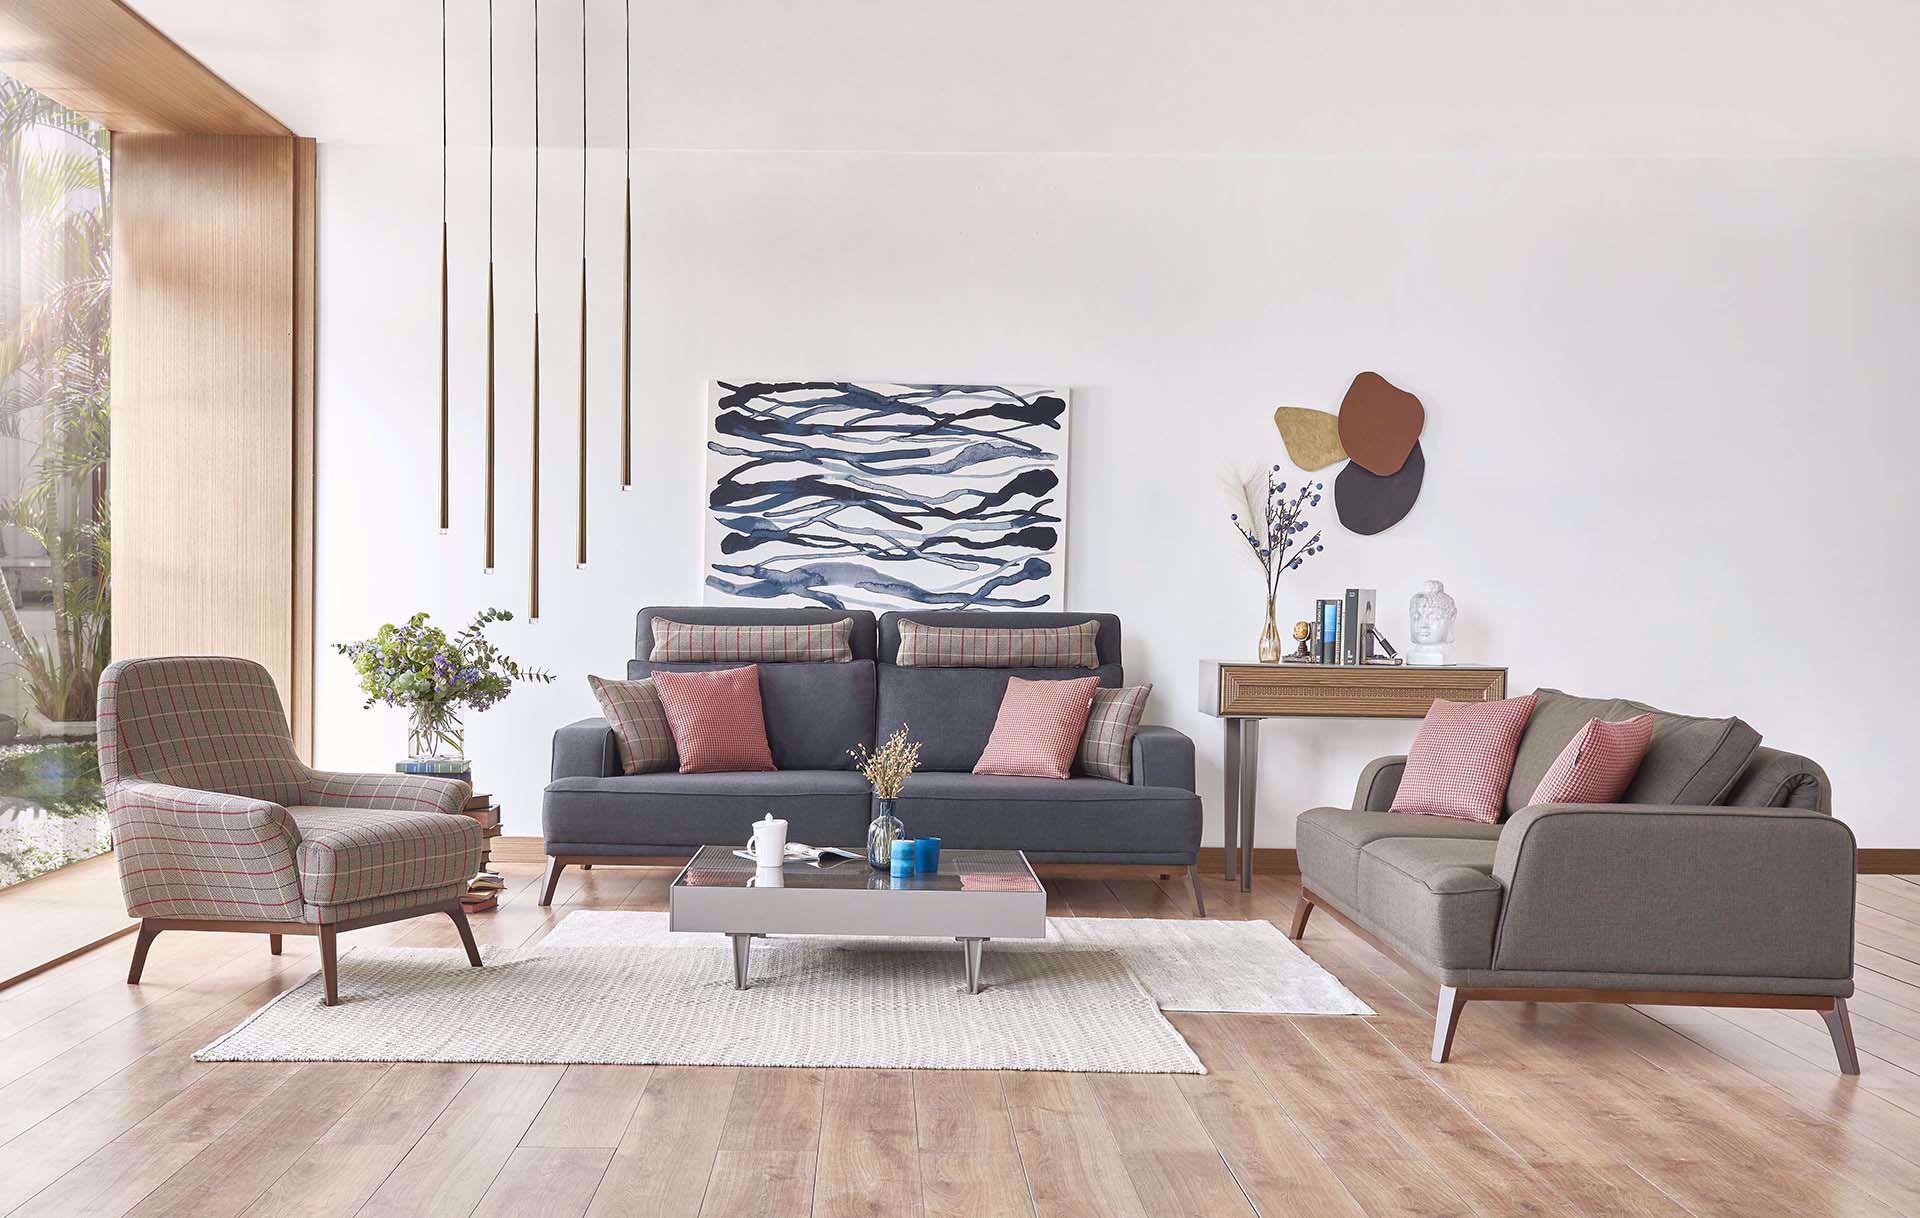 Koltuk Takimlari Home Decor Decor Furniture